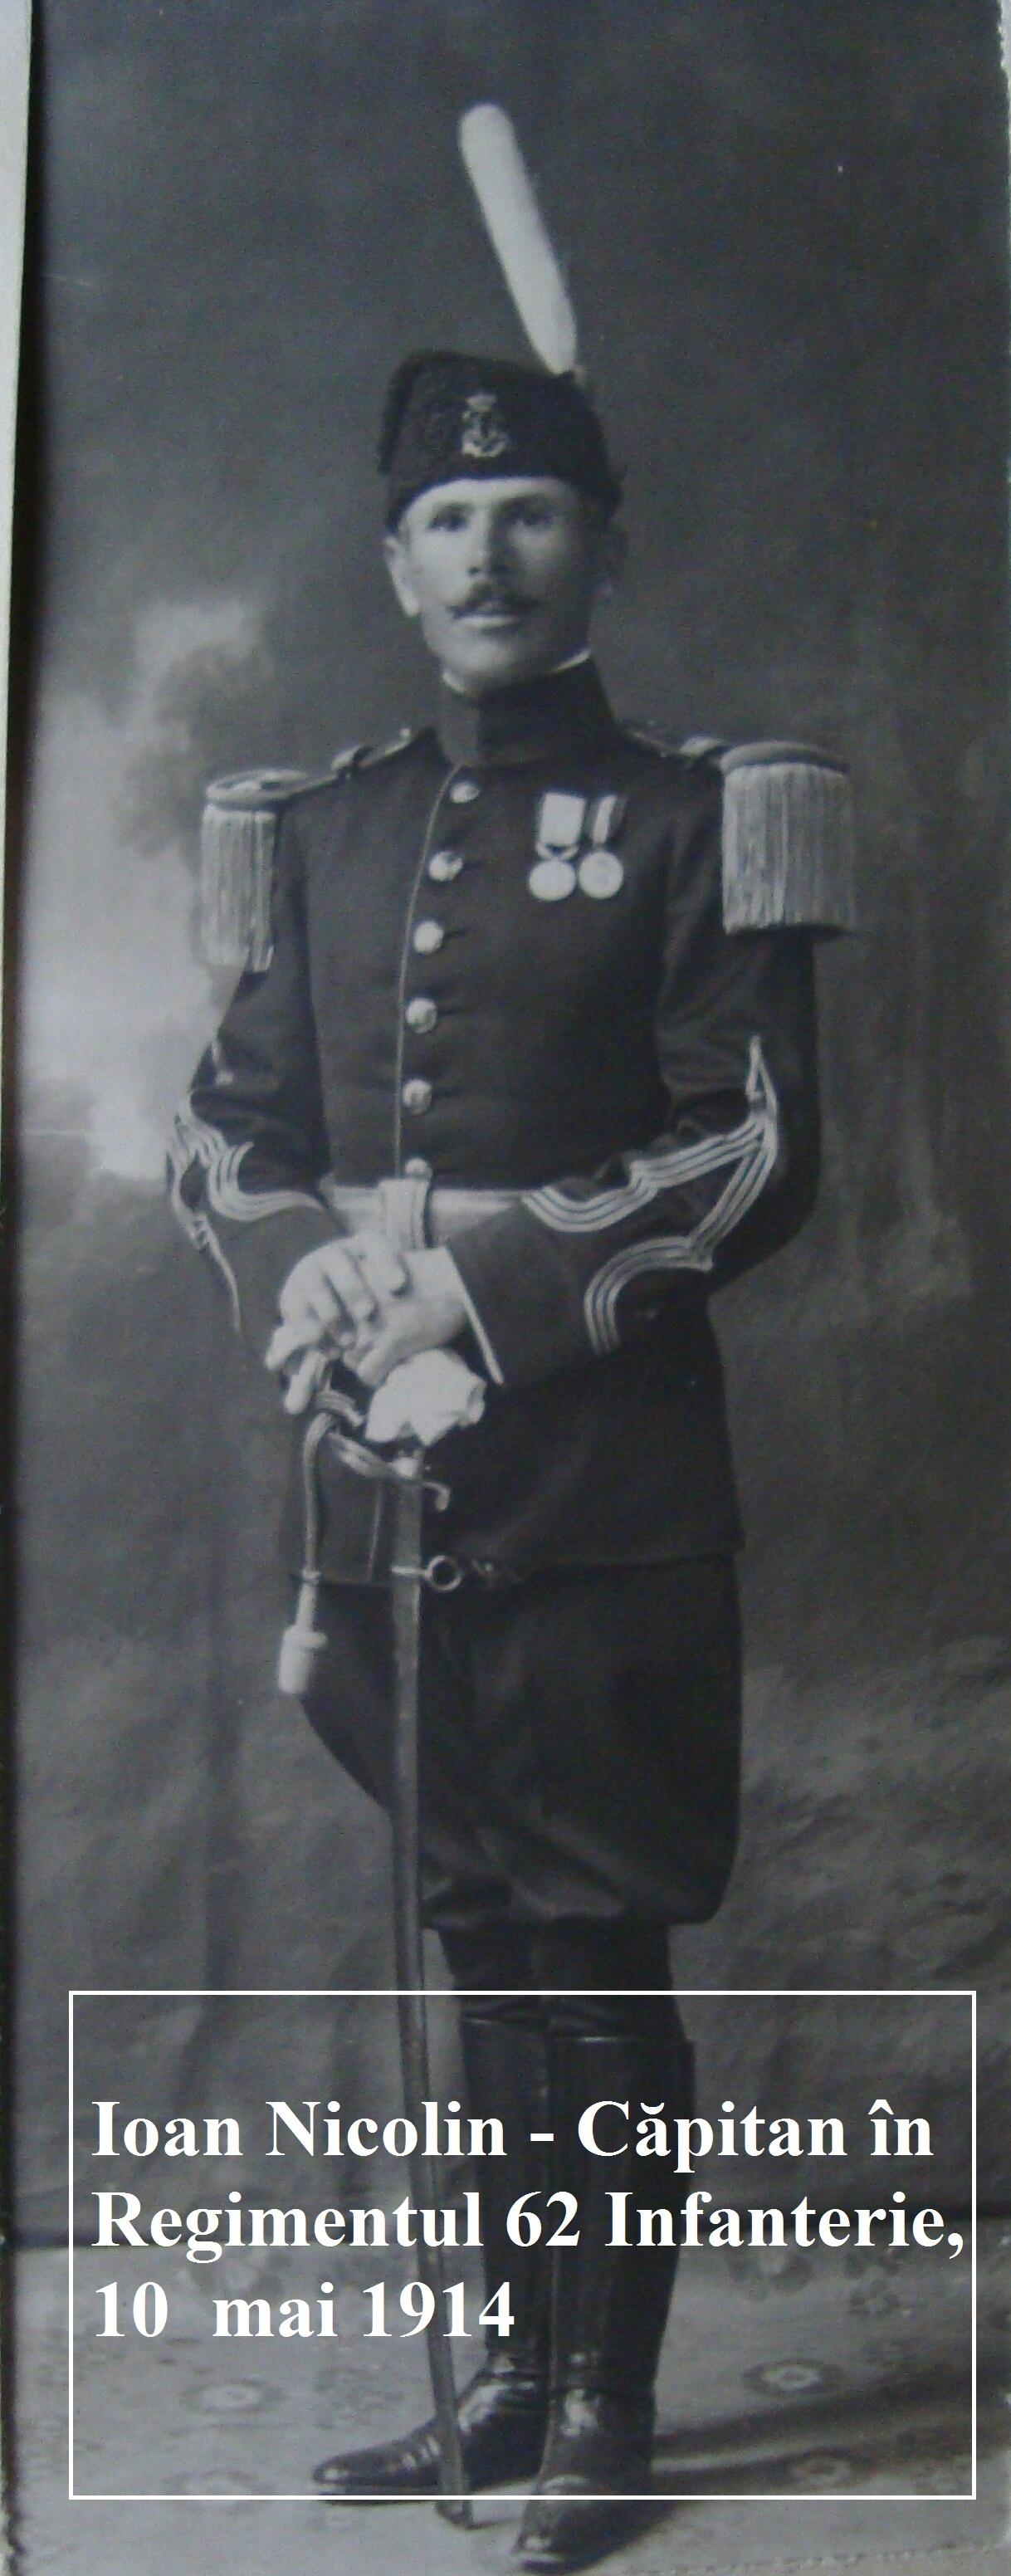 Ioan Nicolin - Căpitan în Regimentul 62 Infanterie, 10 mai 1914